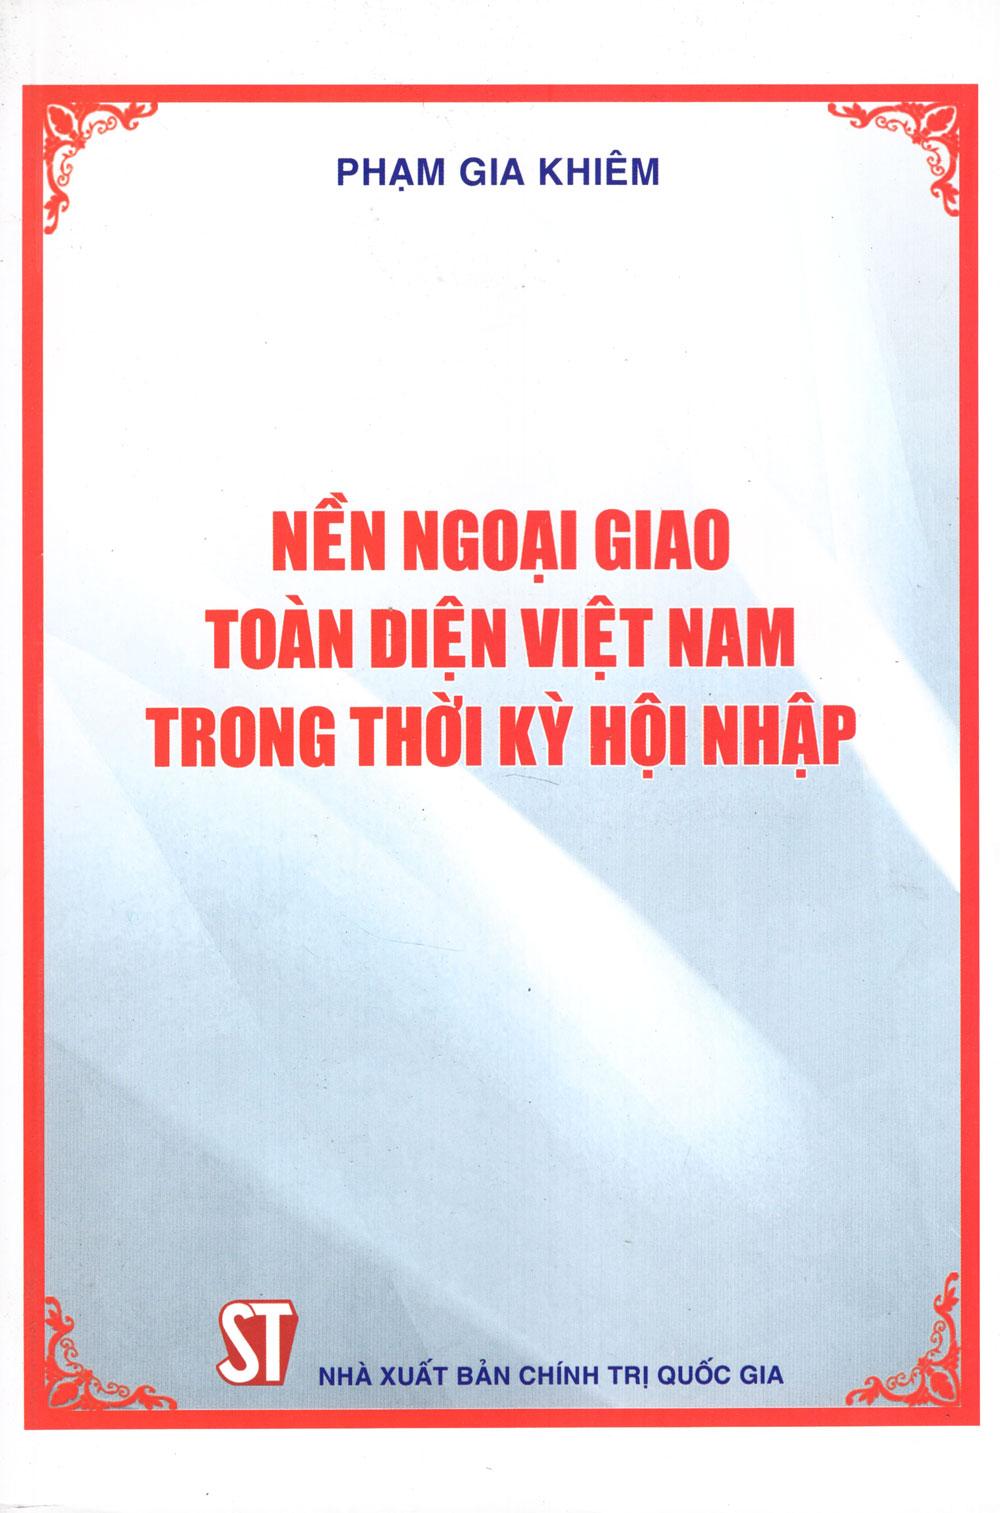 Nền Ngoại Giao Toàn Diện Việt Nam Trong Thời Kỳ Hội Nhập - 8935211174429,62_262796,244000,tiki.vn,Nen-Ngoai-Giao-Toan-Dien-Viet-Nam-Trong-Thoi-Ky-Hoi-Nhap-62_262796,Nền Ngoại Giao Toàn Diện Việt Nam Trong Thời Kỳ Hội Nhập